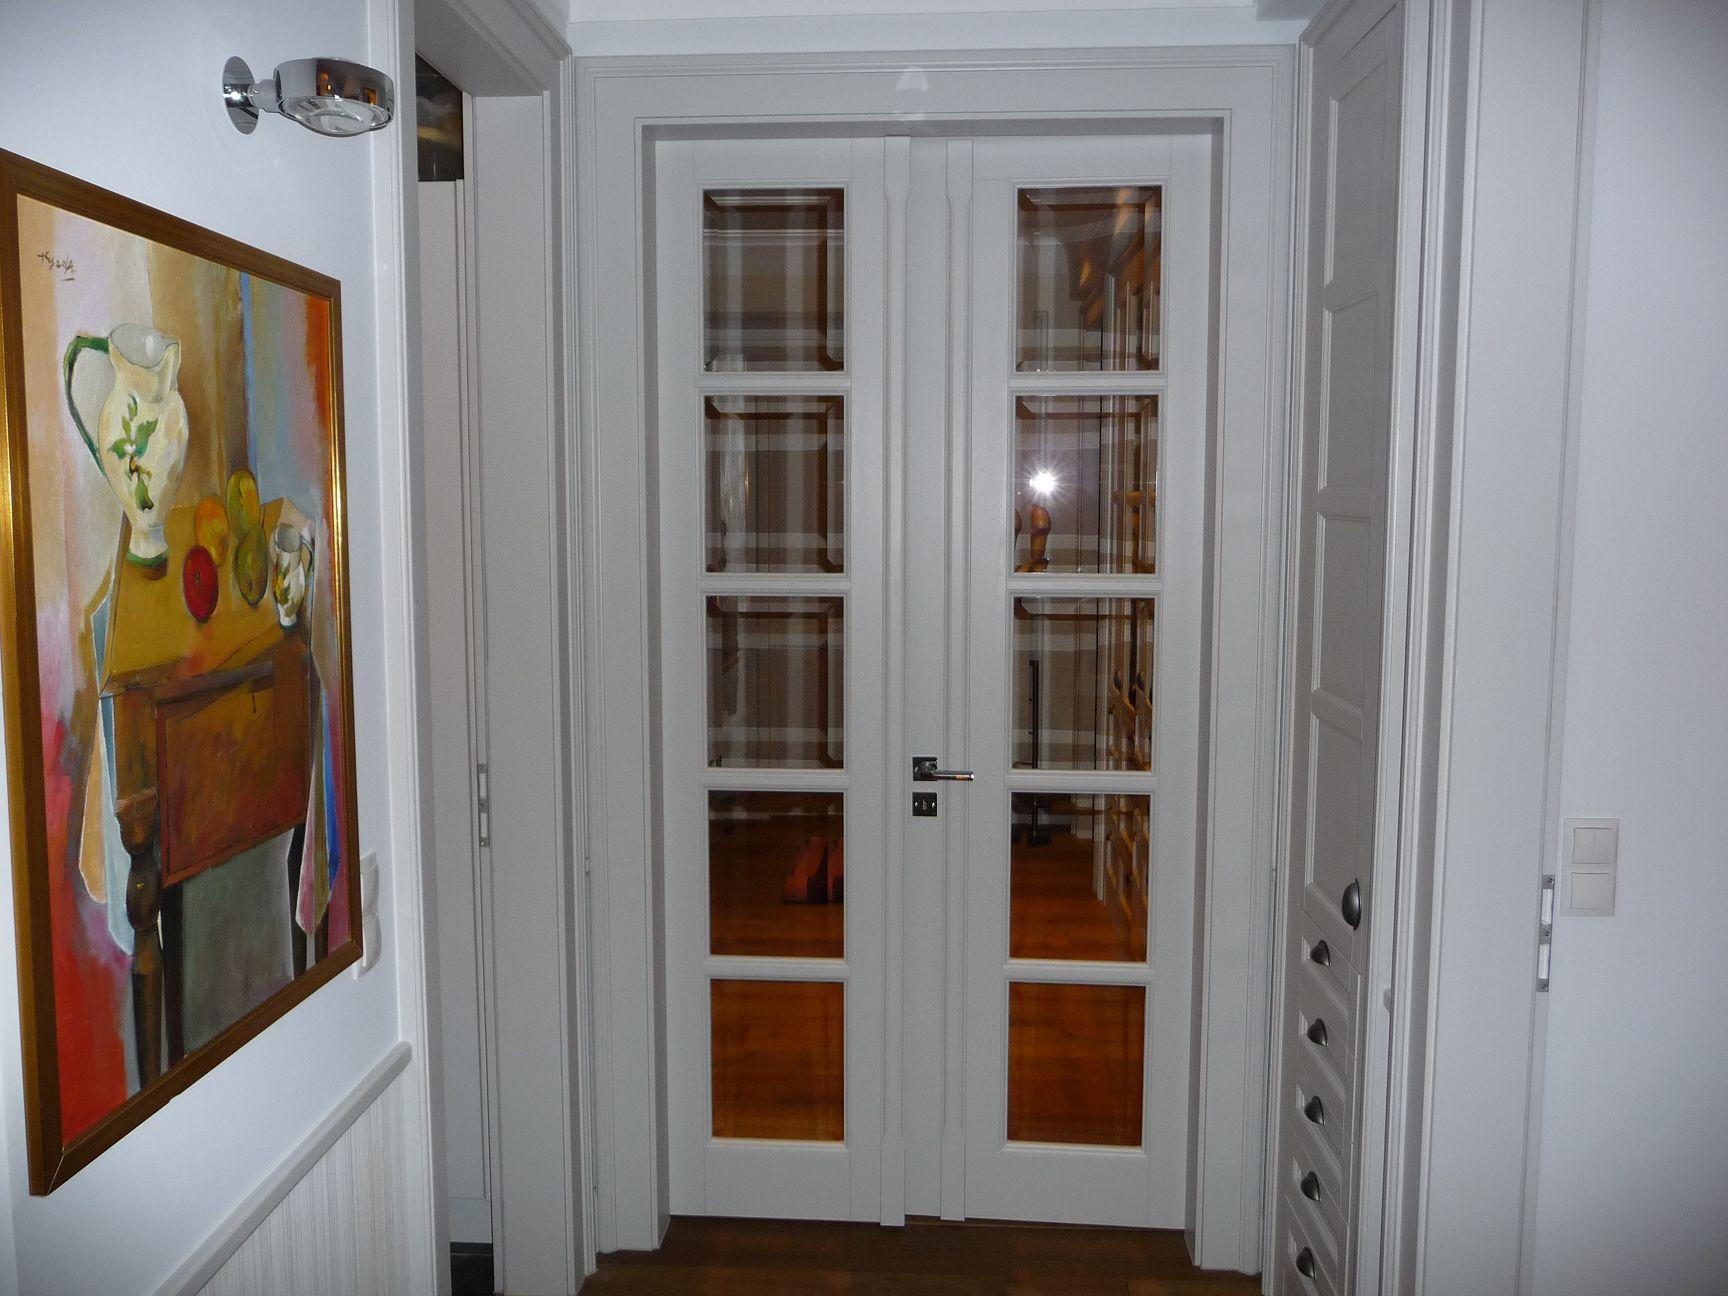 Zweiflügelige innentür  Innentüren: Tischlerei Gebr. Rammelt GmbH Weimar